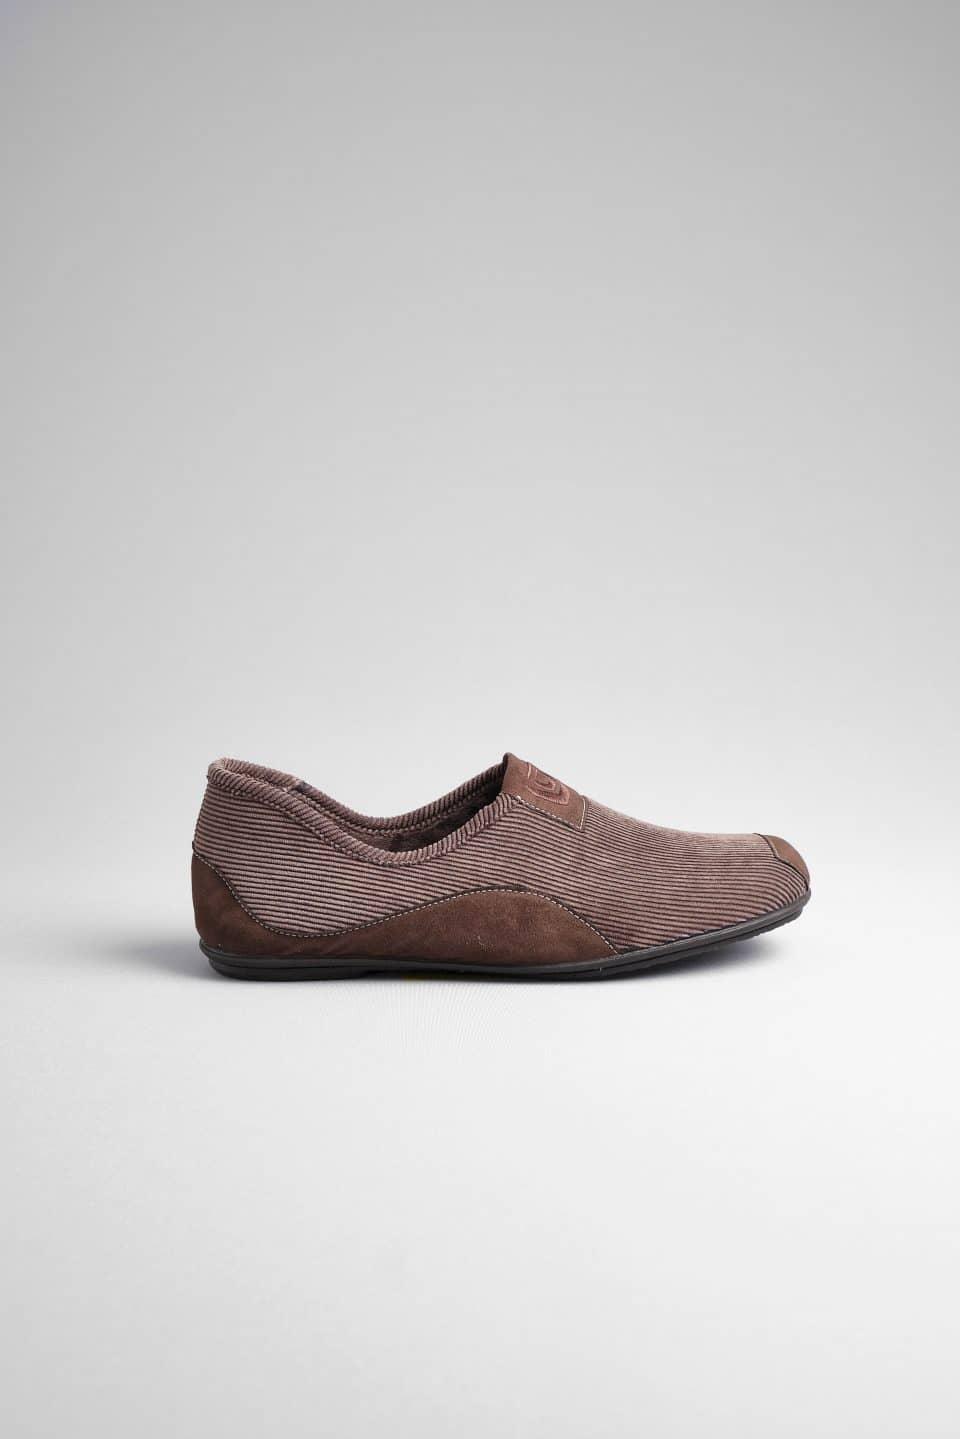 PANILLA MARRON Marcas en Loyna Shoes